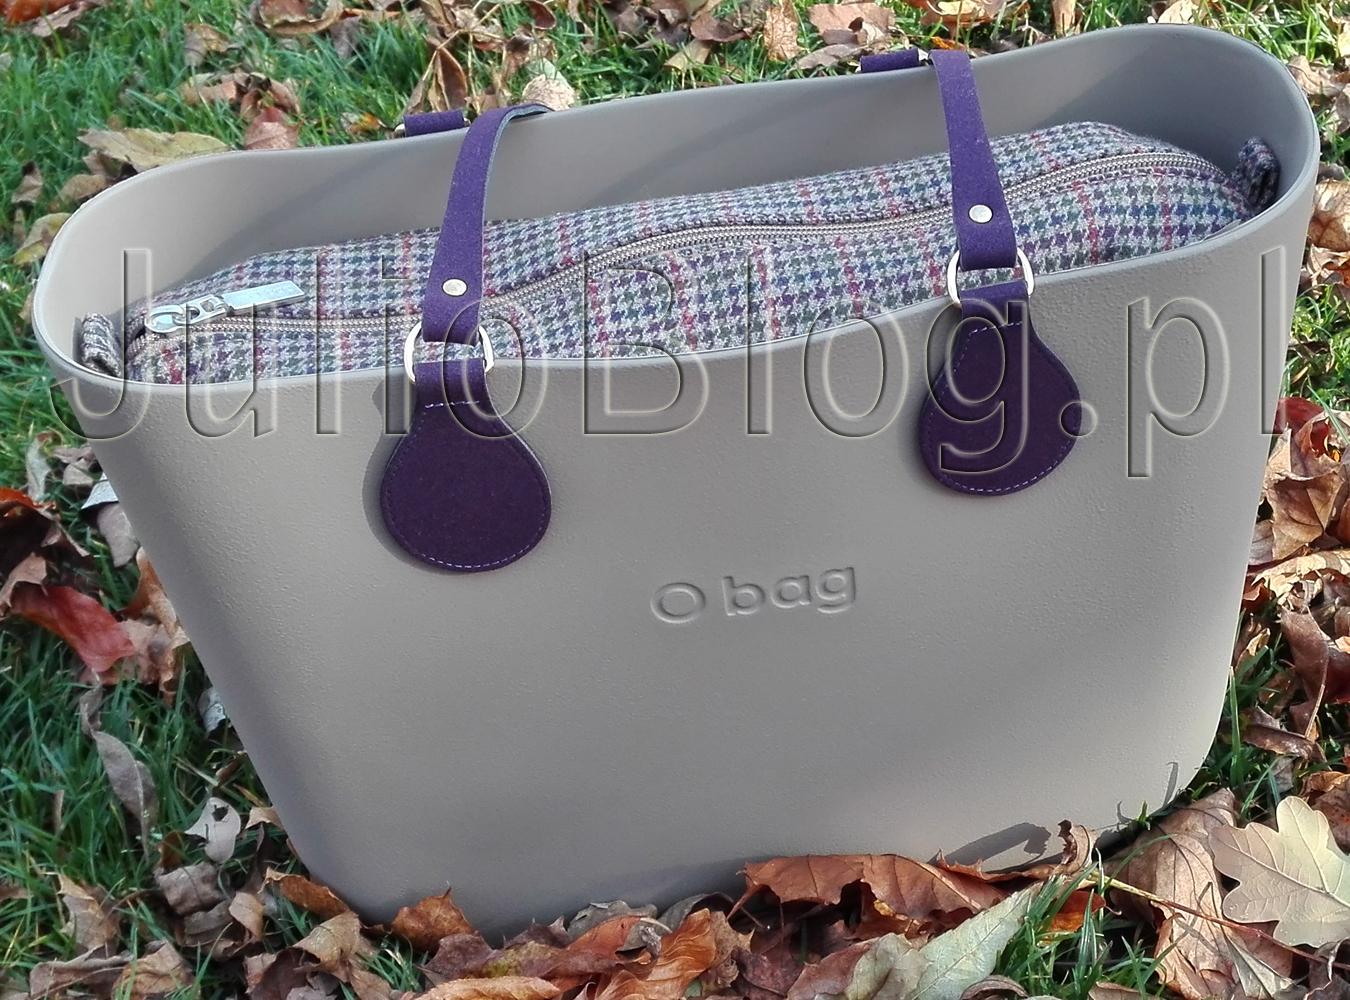 210d9b062bee1 Moja torebka O bag Standard Skalista z uchwytami goccia con mezzoanello eco  suede w kolorze Melanzana i organizerem wewnętrznym Principe Di Galles ...